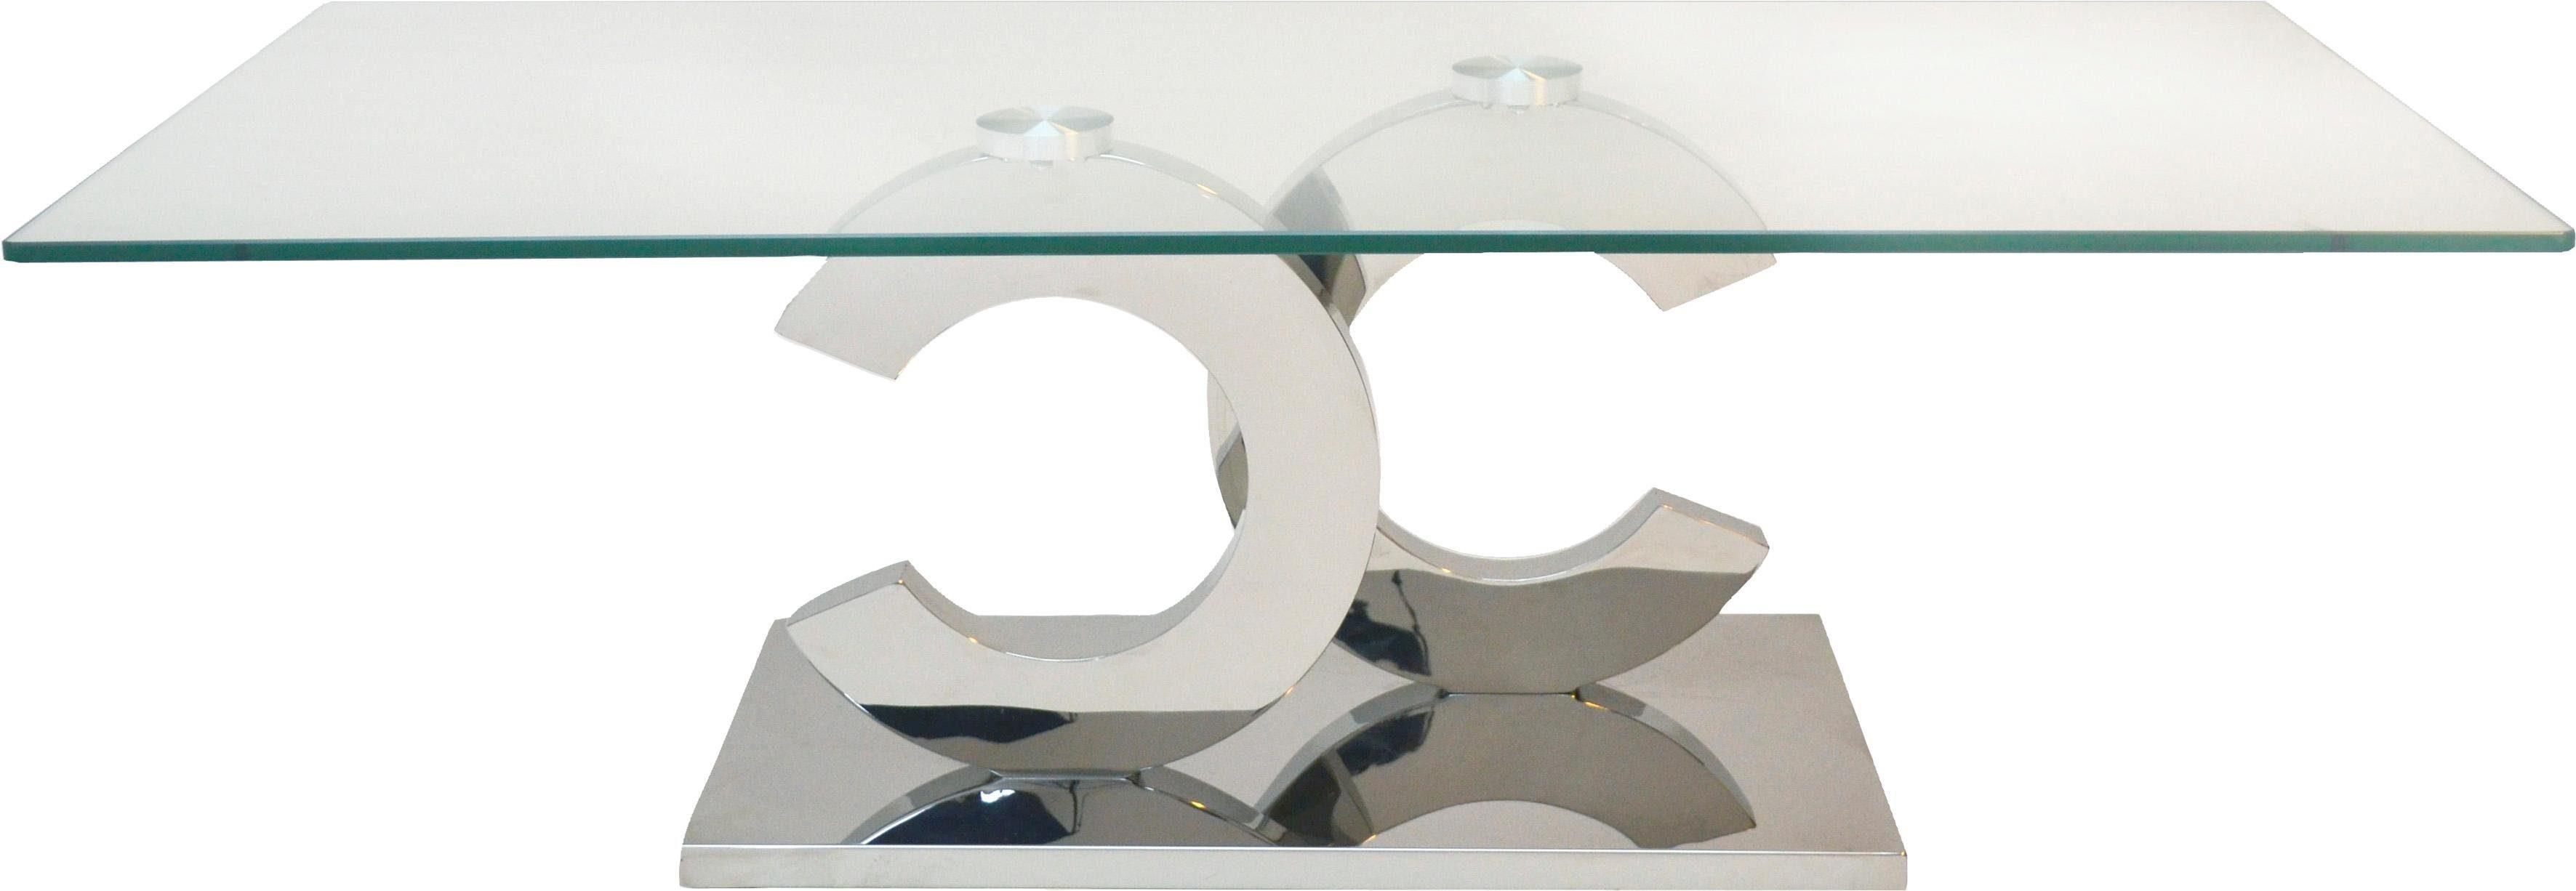 Home affaire Couchtisch »Christy« mit Glasplatte, Breite 120 cm